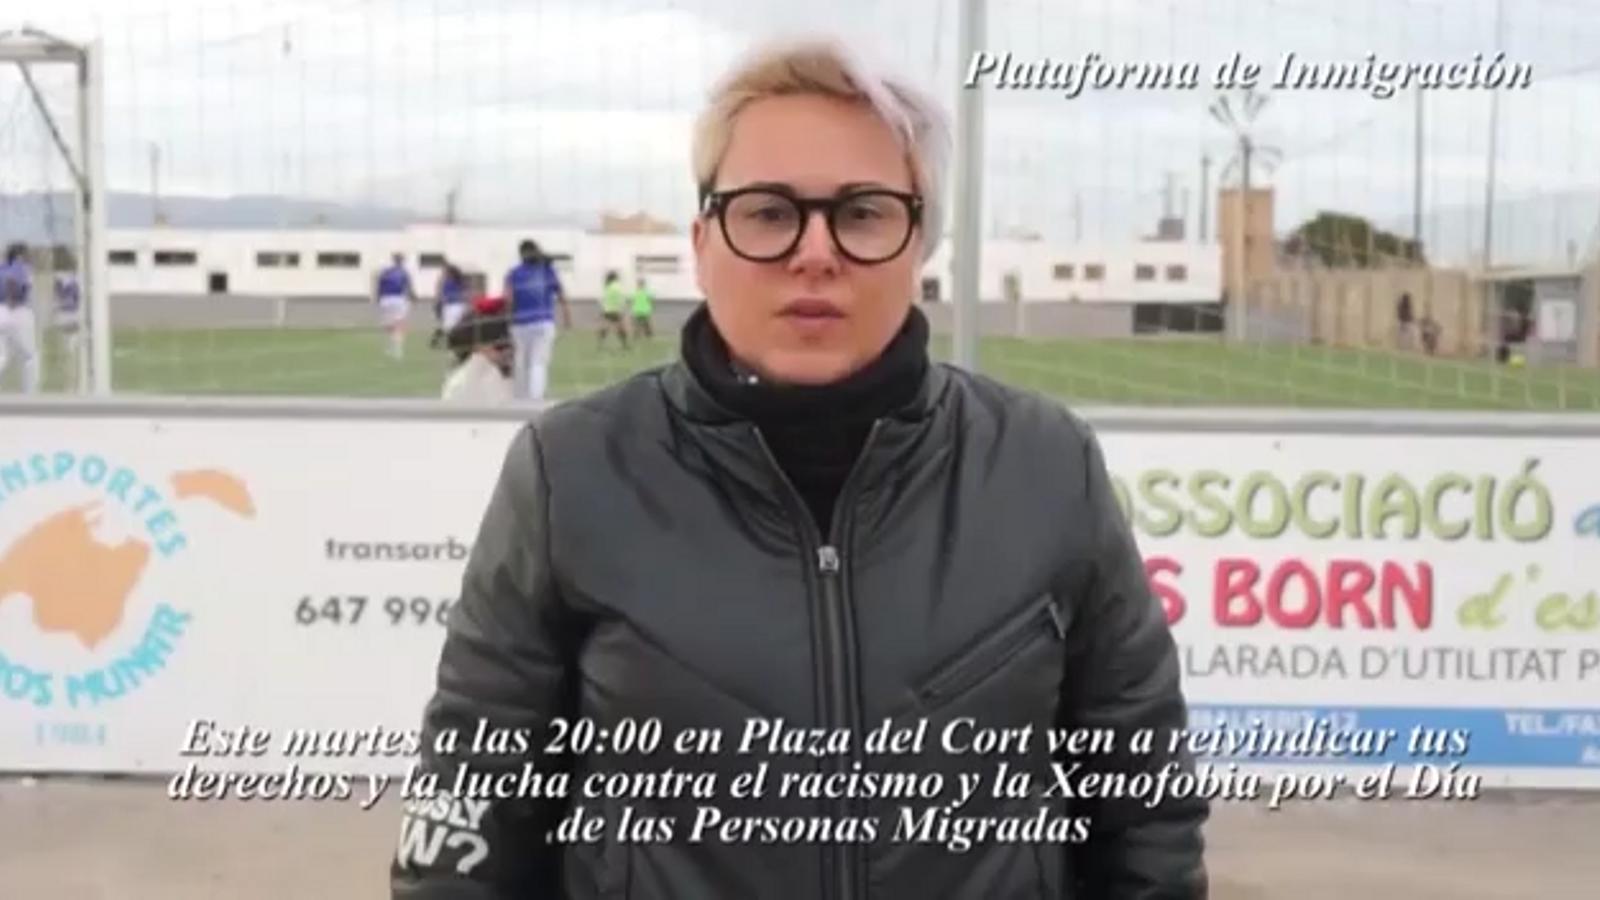 Concentració davant l'Ajuntament de Palma contra el racisme i el feixisme